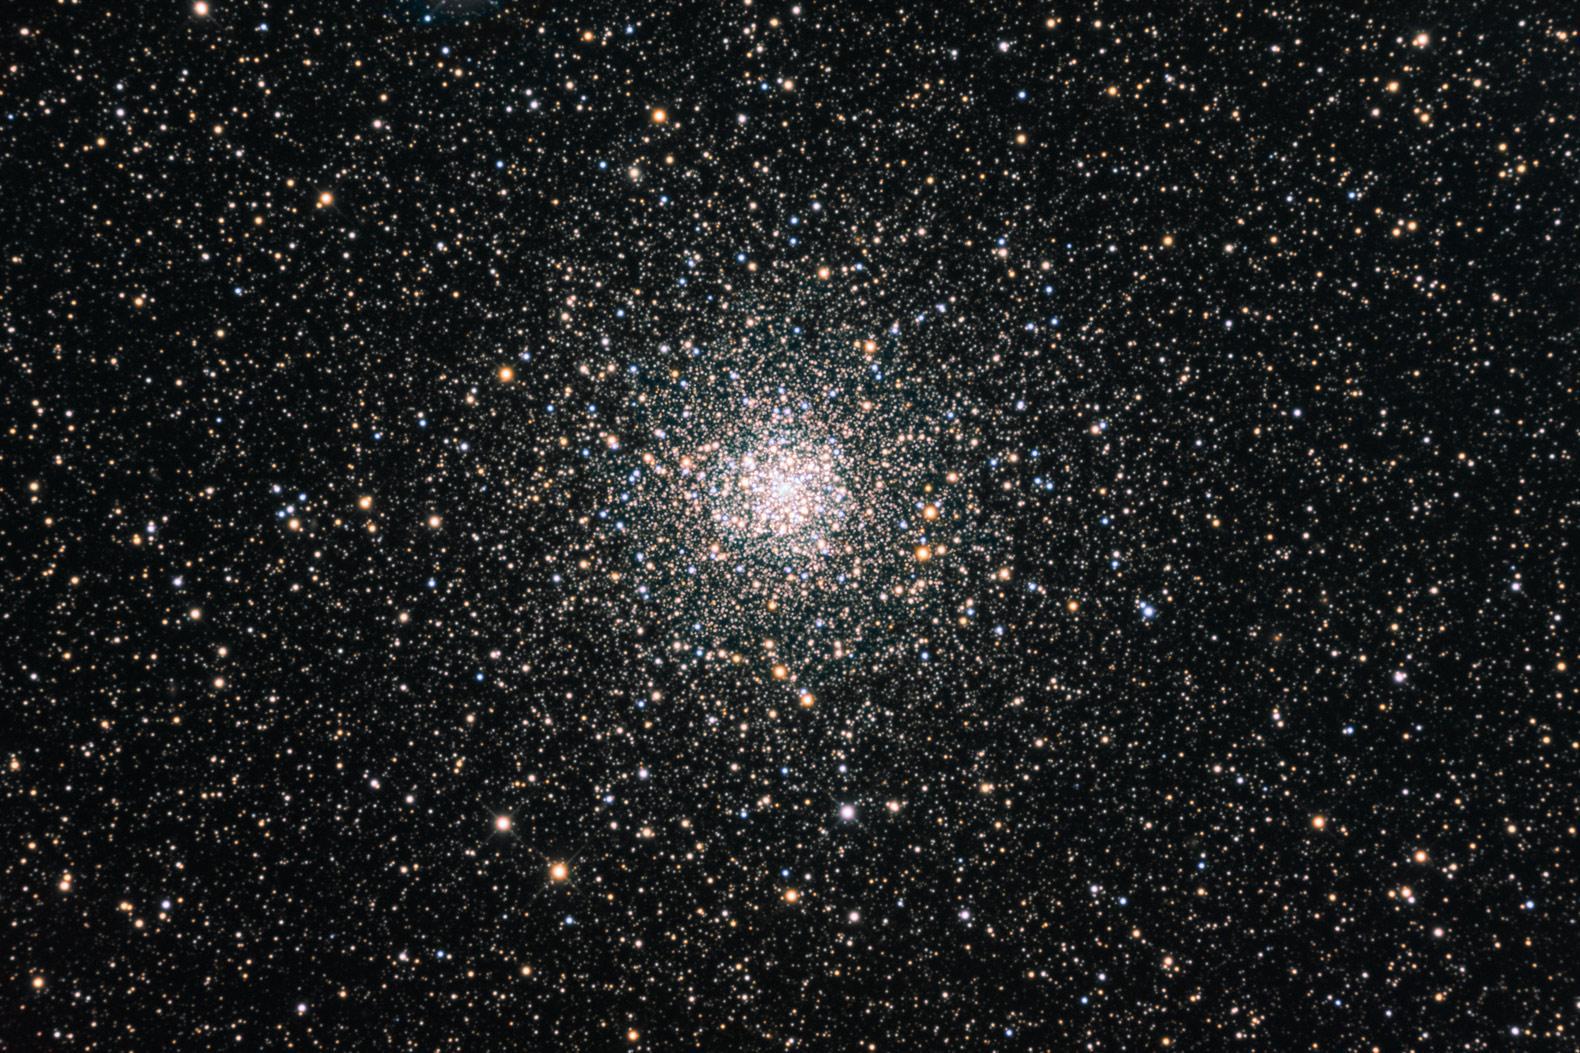 общее число звезды космос фотографии фото парень без